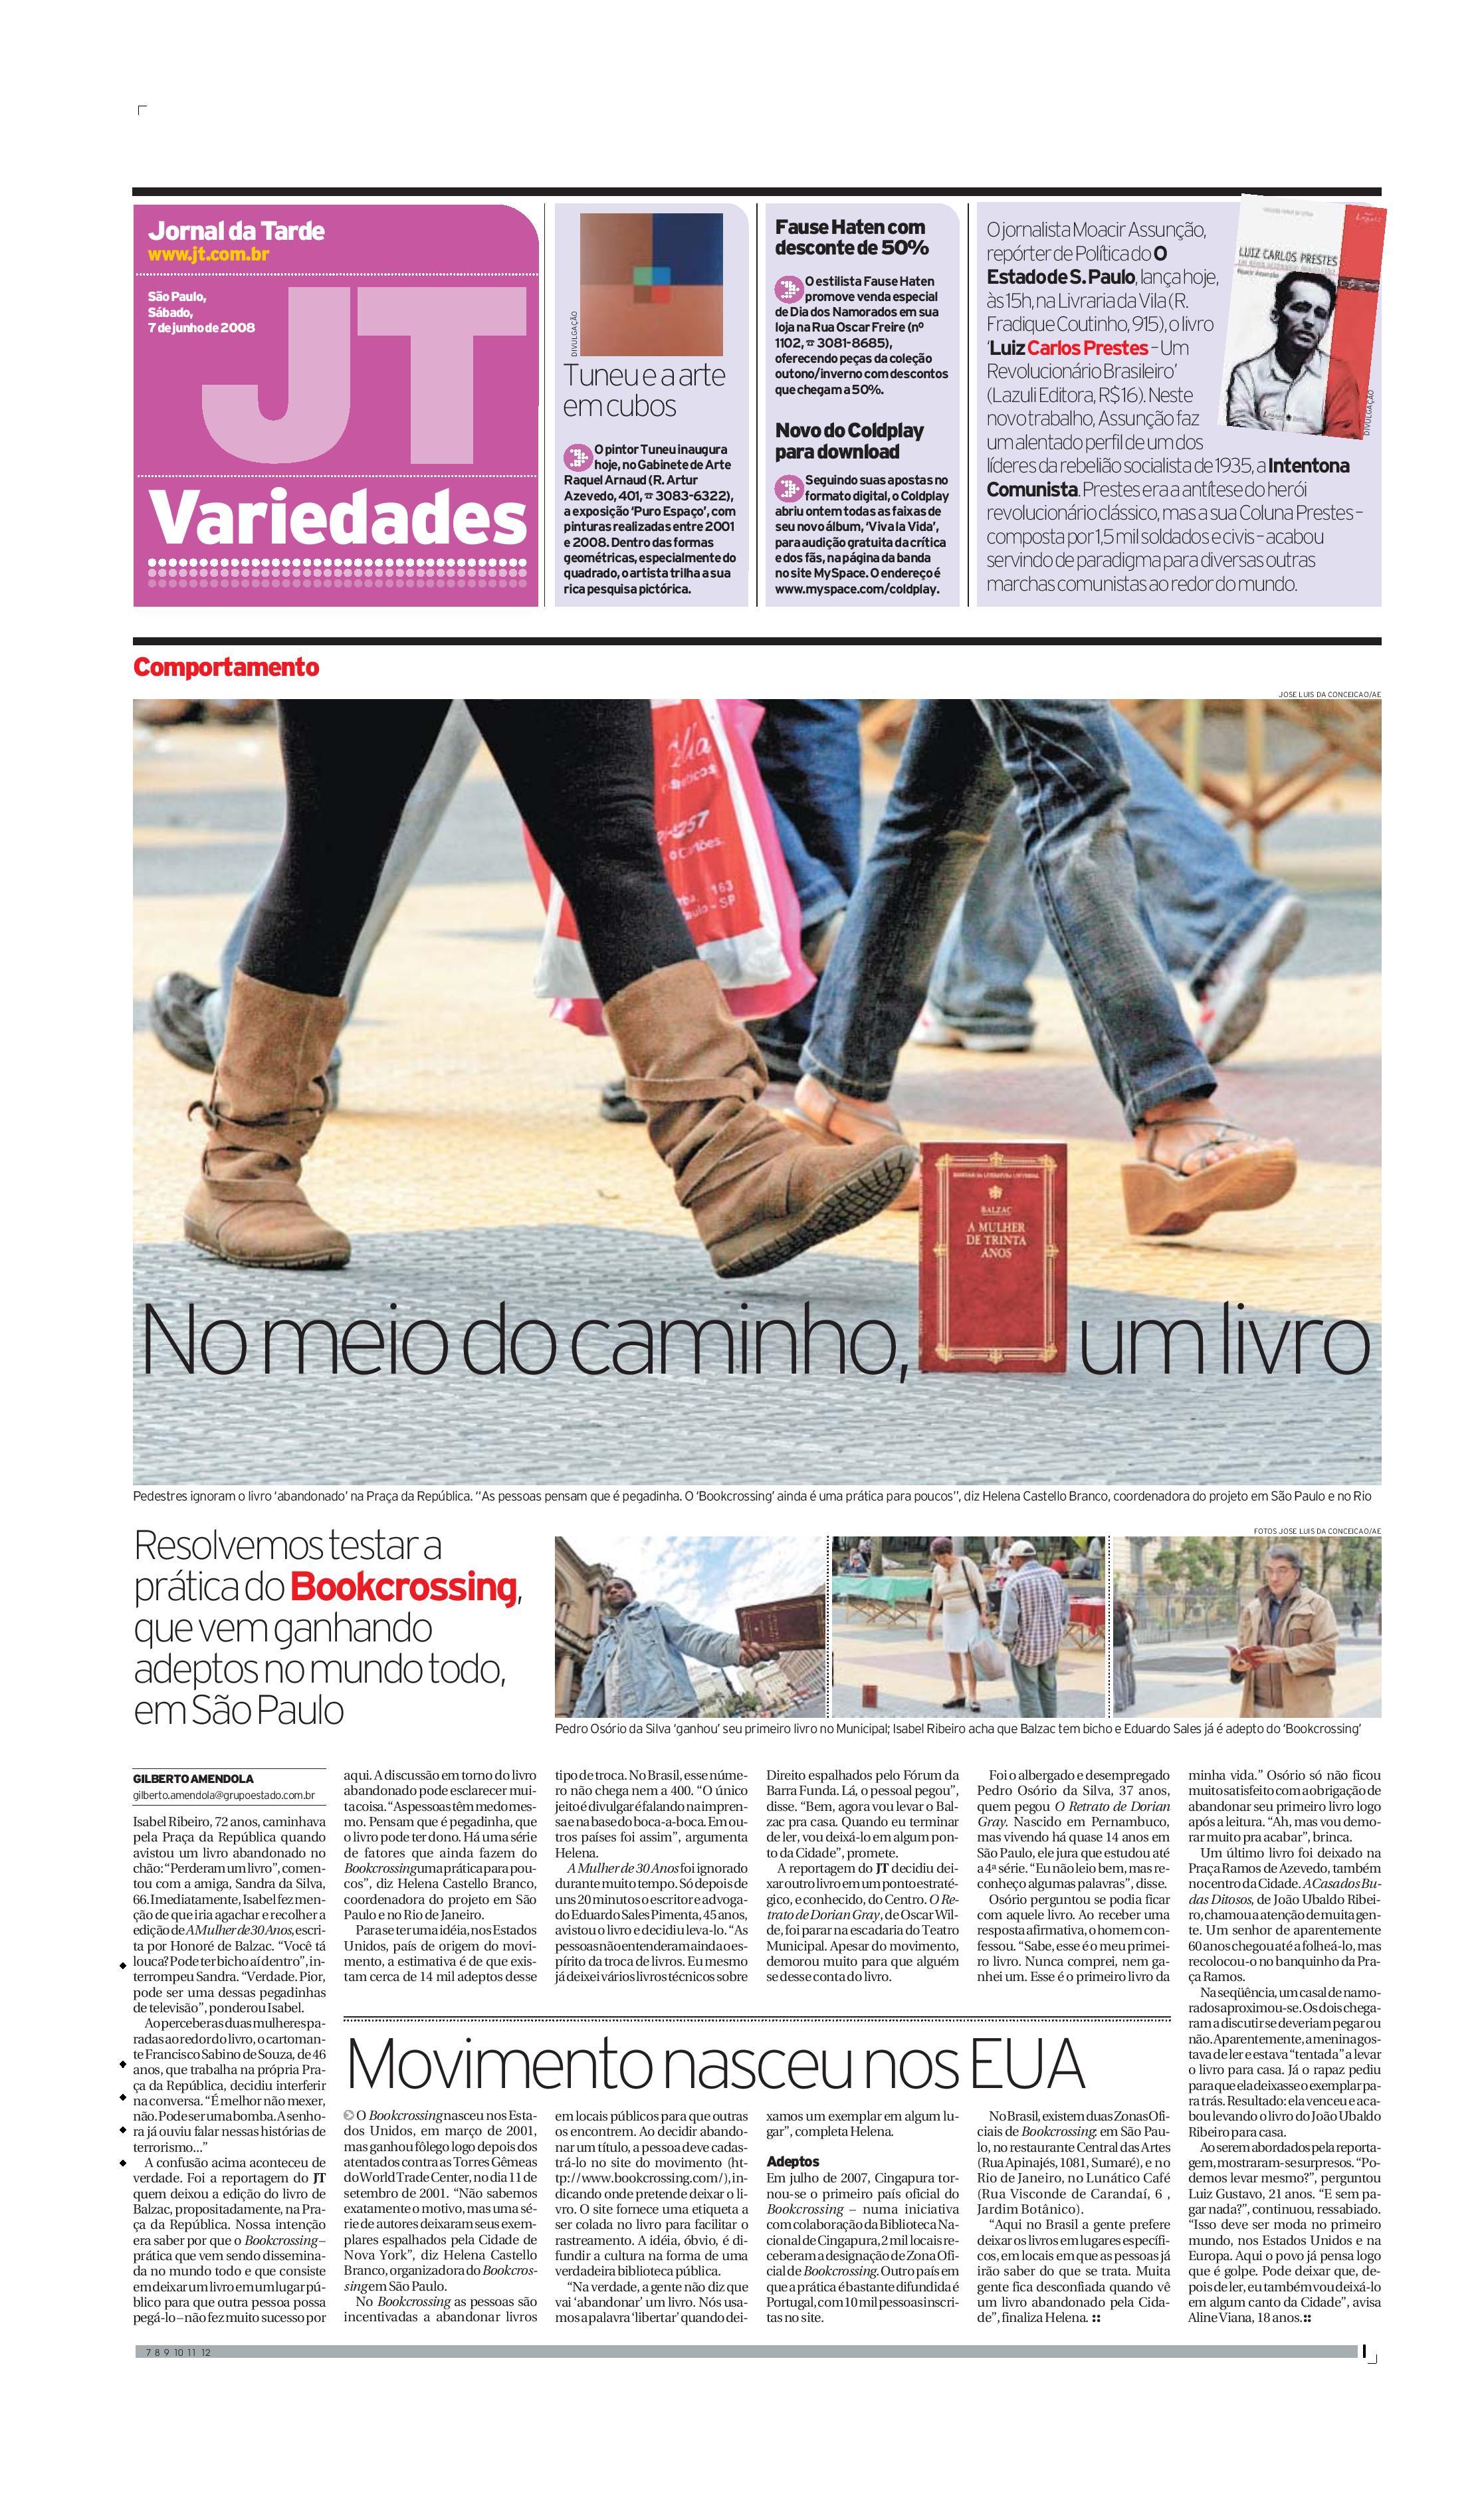 Jornal-da-Tarde_BookCrossing_No-meio-do-caminho-um-livro_07.jun.08-page-001